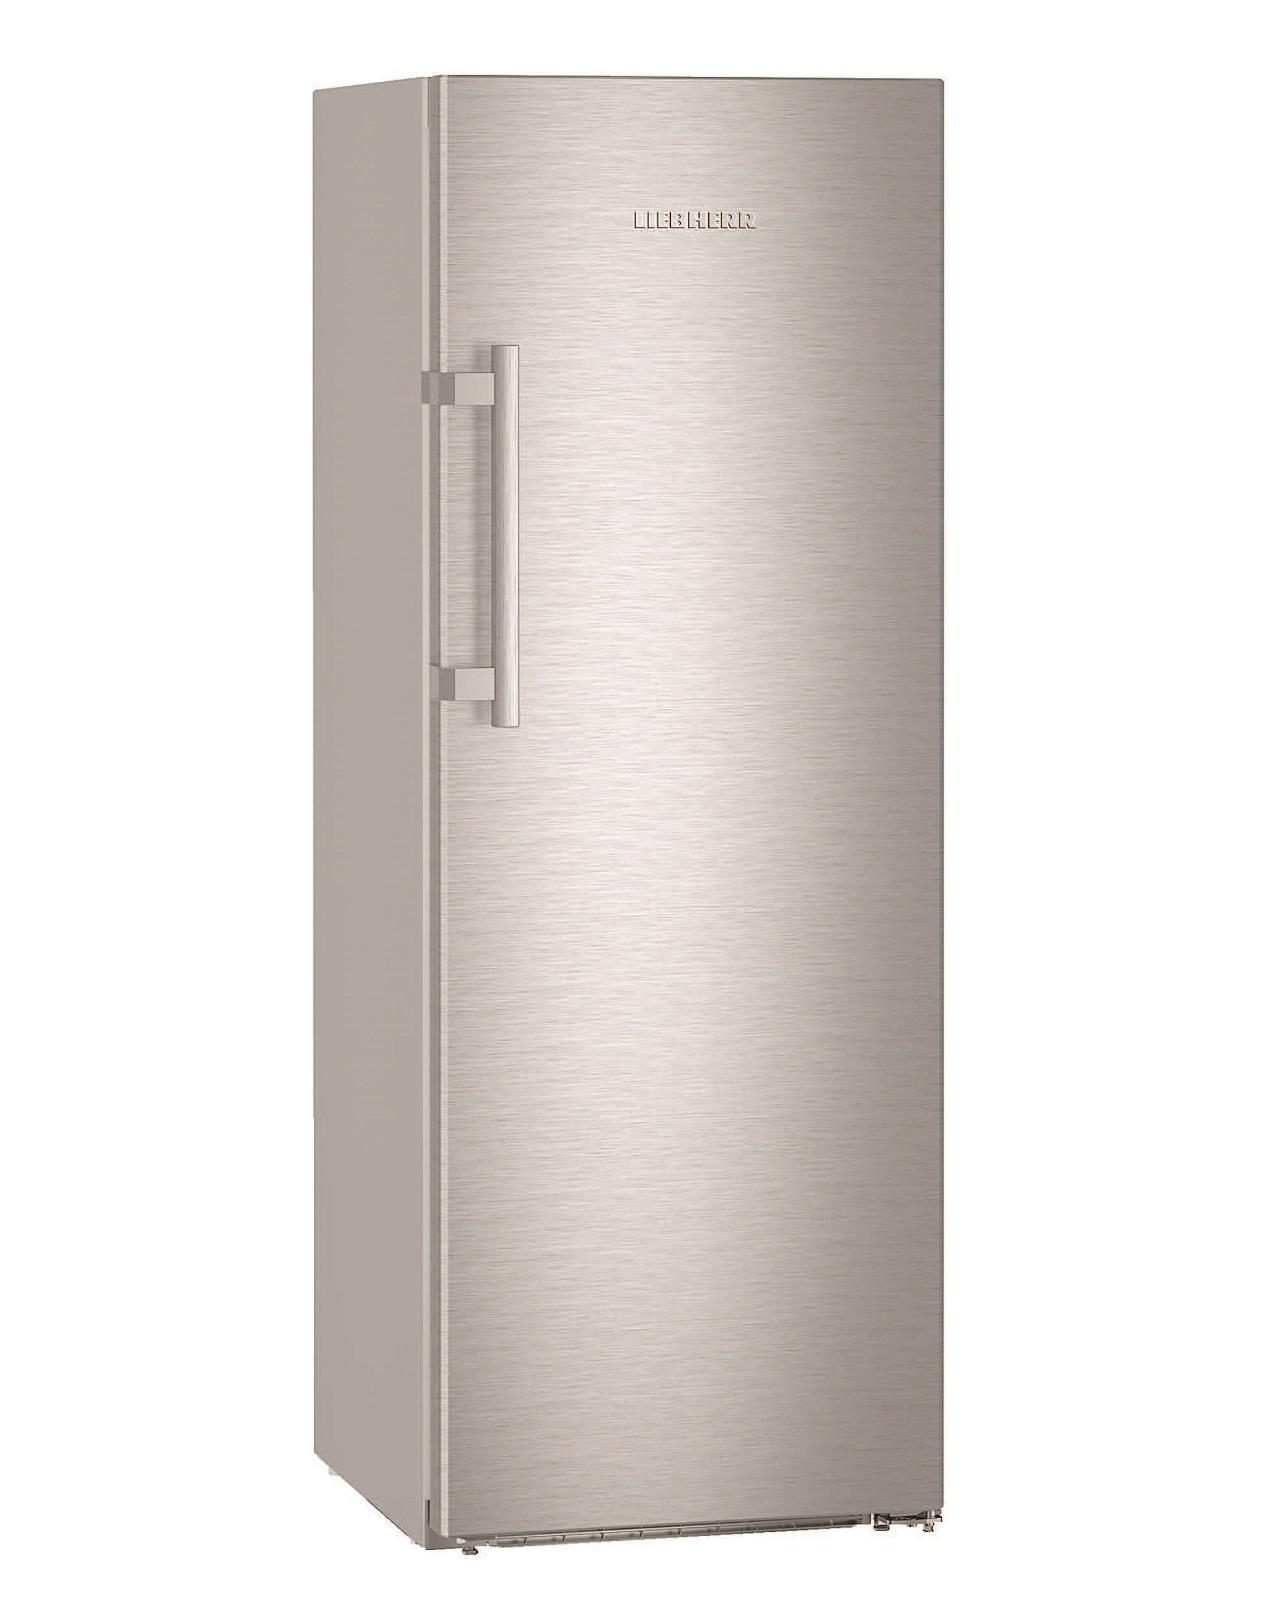 купить Однокамерный холодильник Liebherr Kef 3710 Украина фото 3